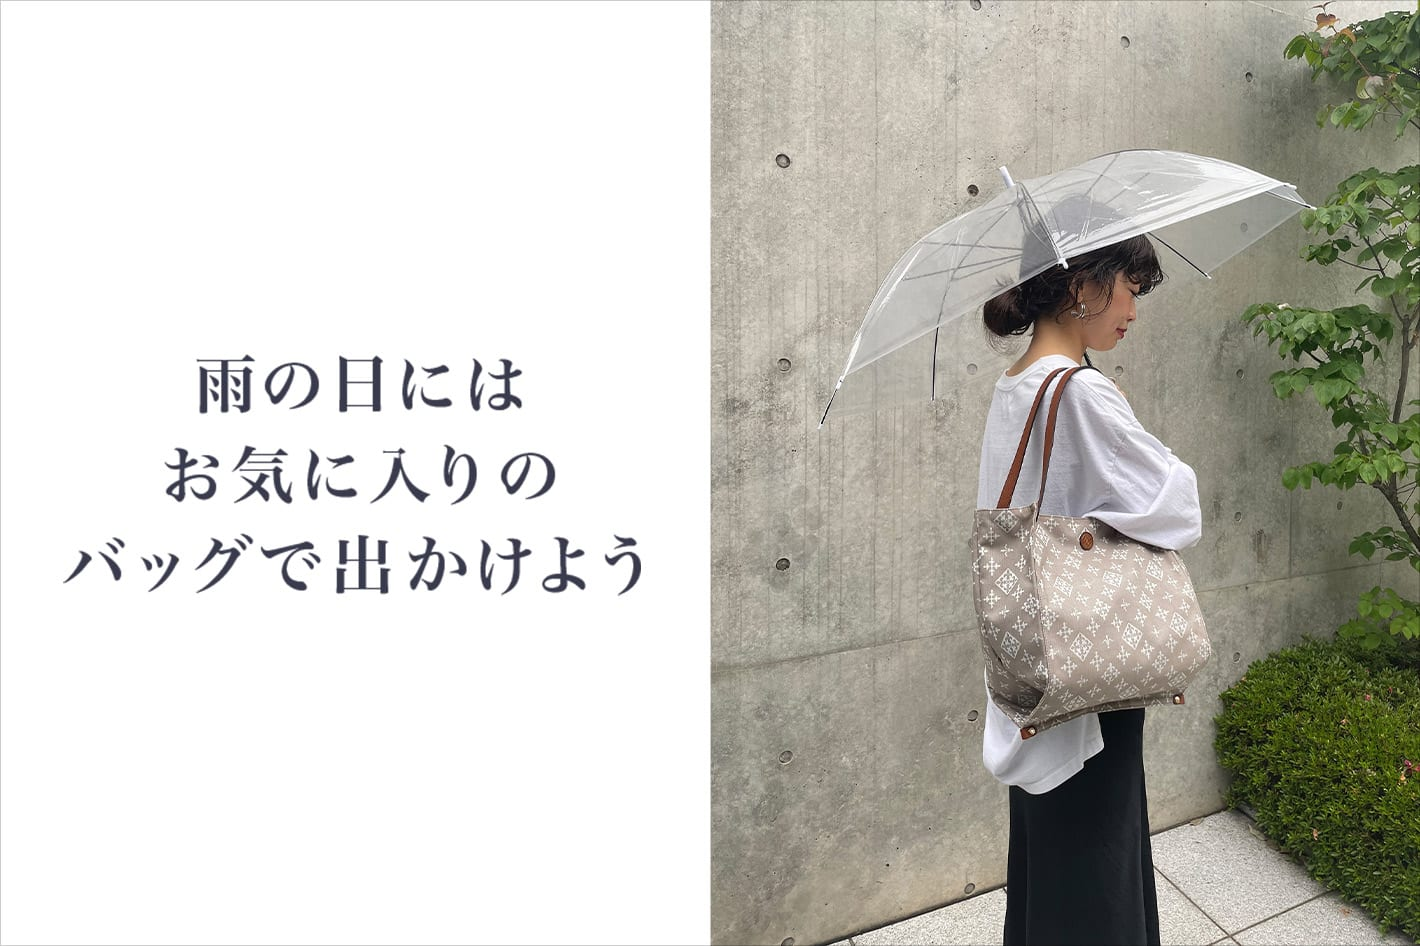 russet 雨の日はお気に入りのバッグで出かけよう